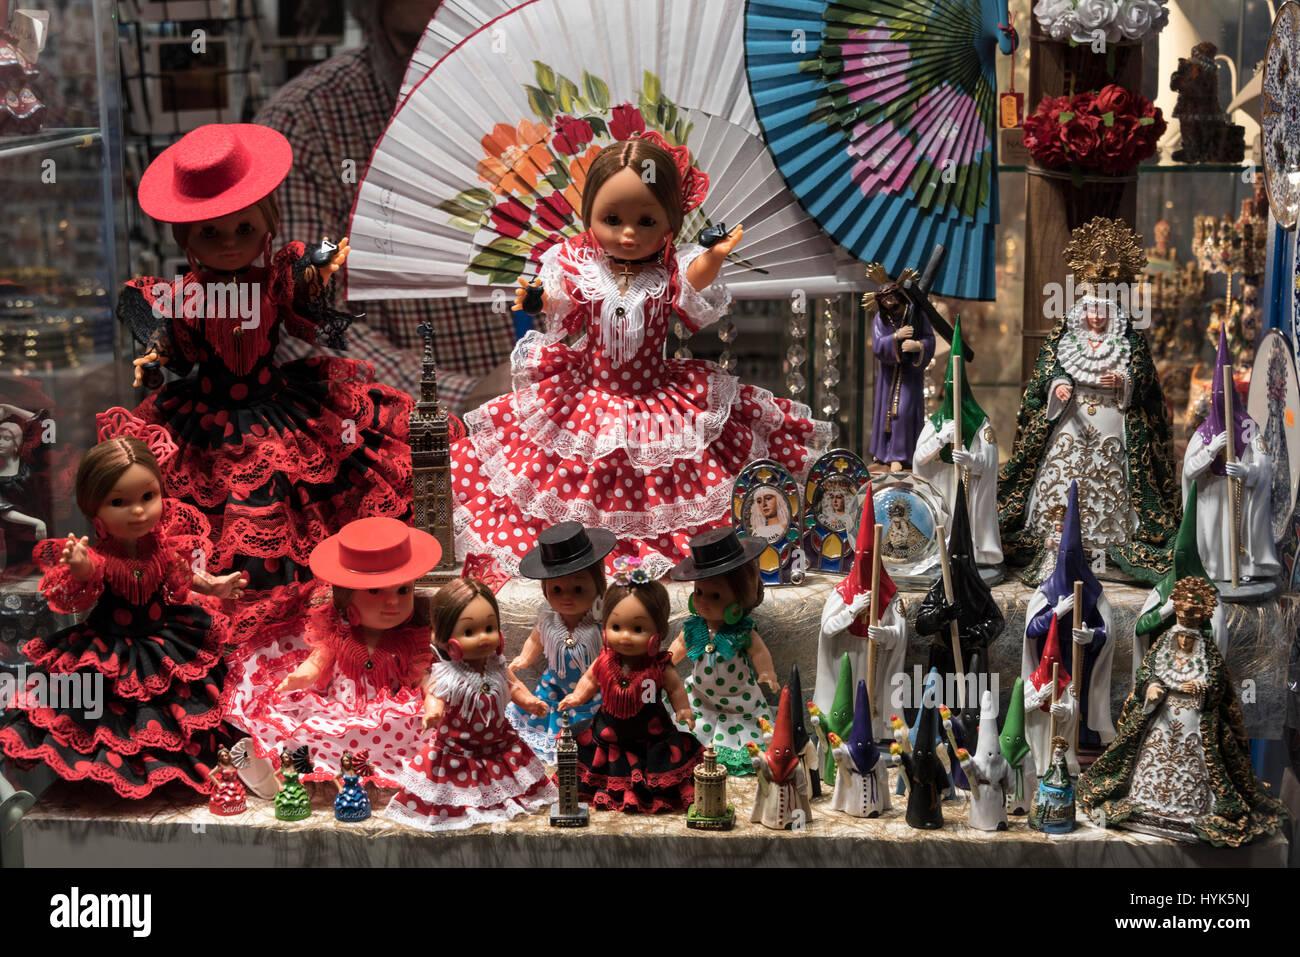 spanische kleidung stockfotos und -bilder kaufen - alamy